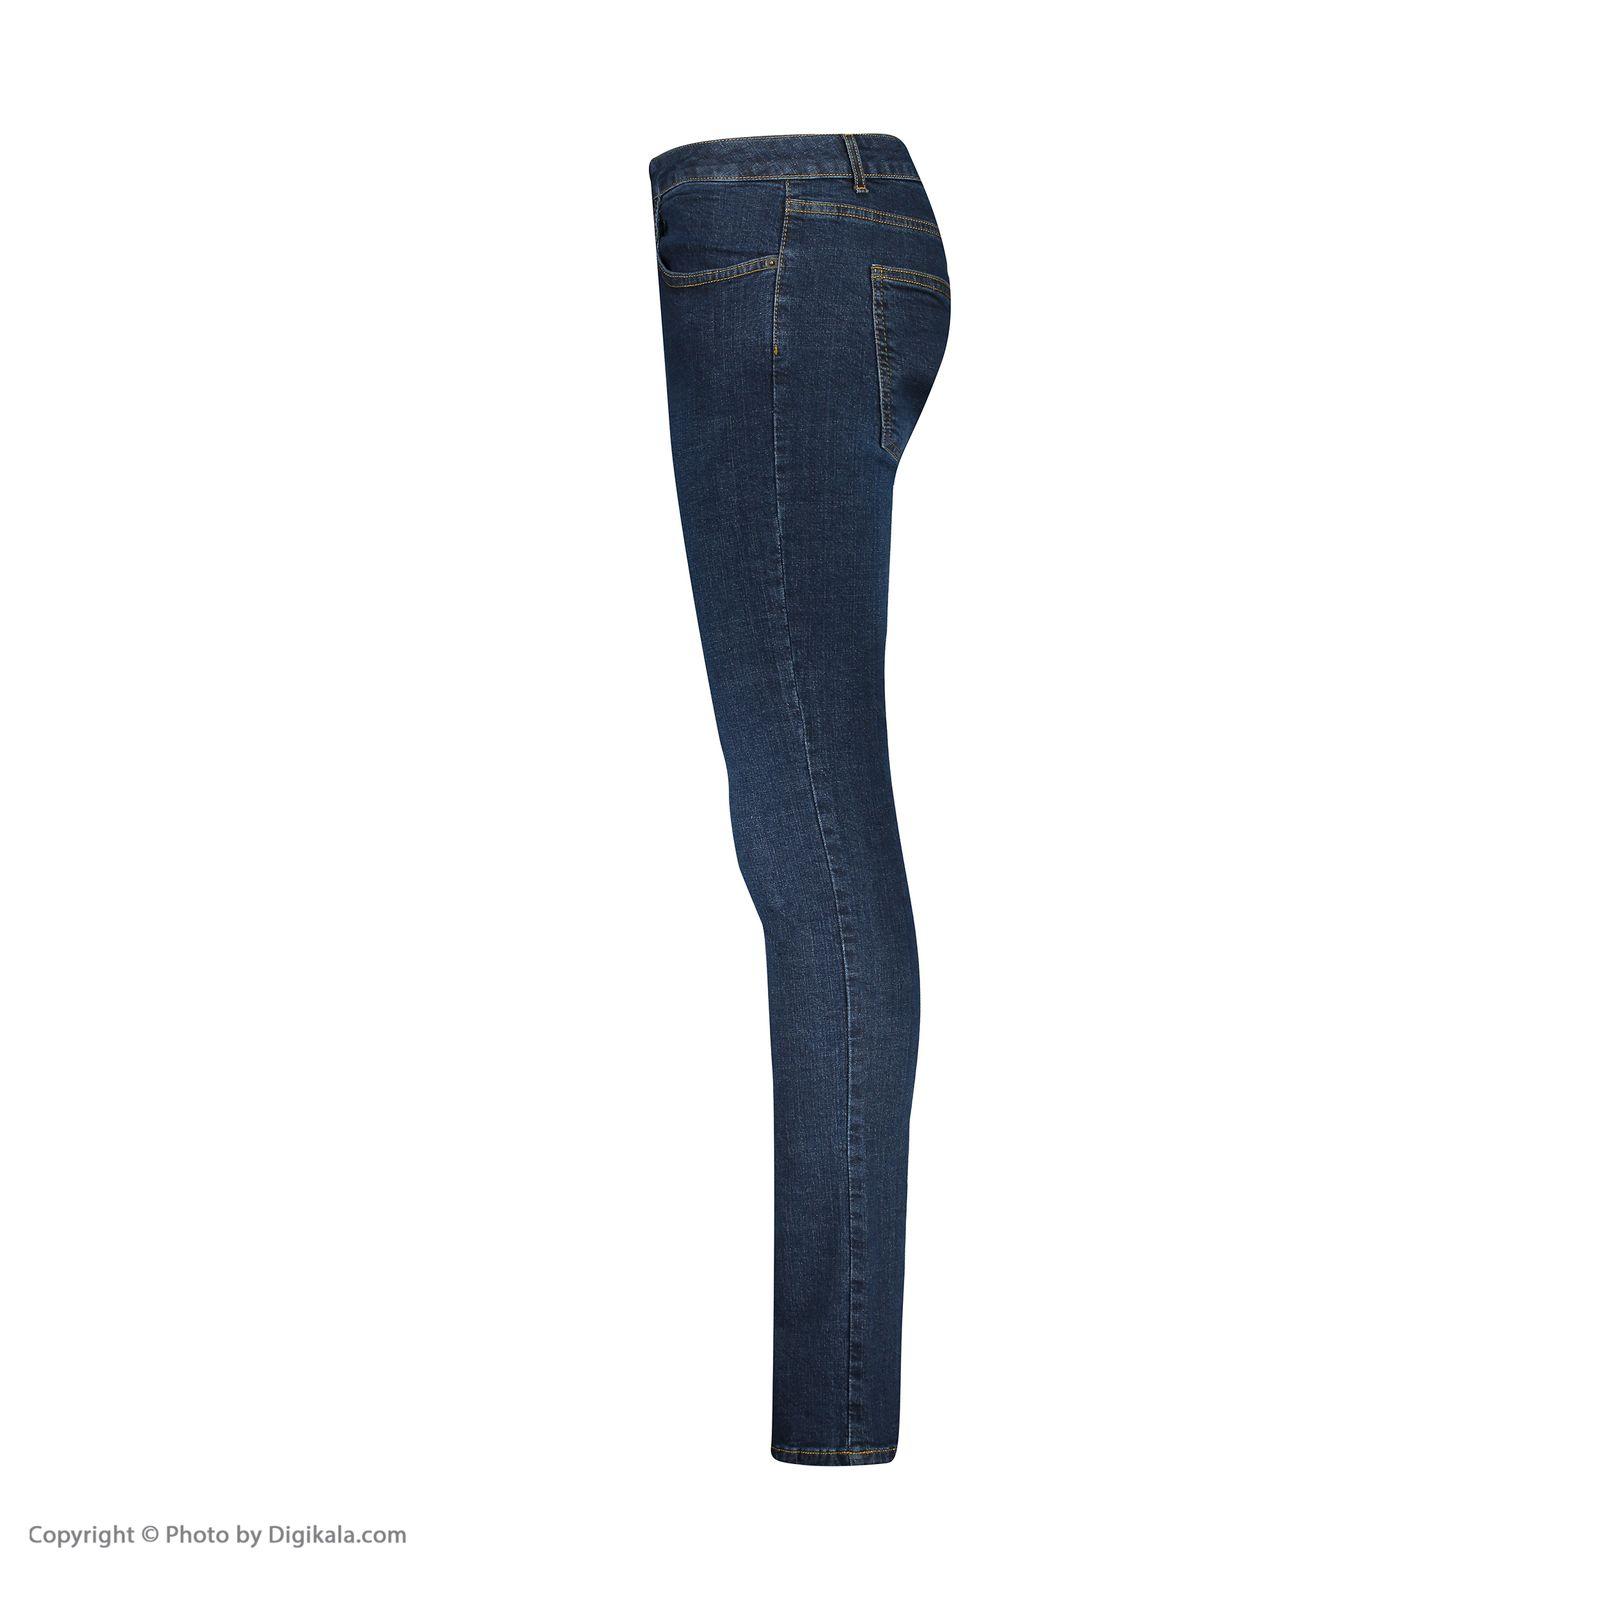 شلوار جین مردانه آر ان اس مدل 133033-59 -  - 3